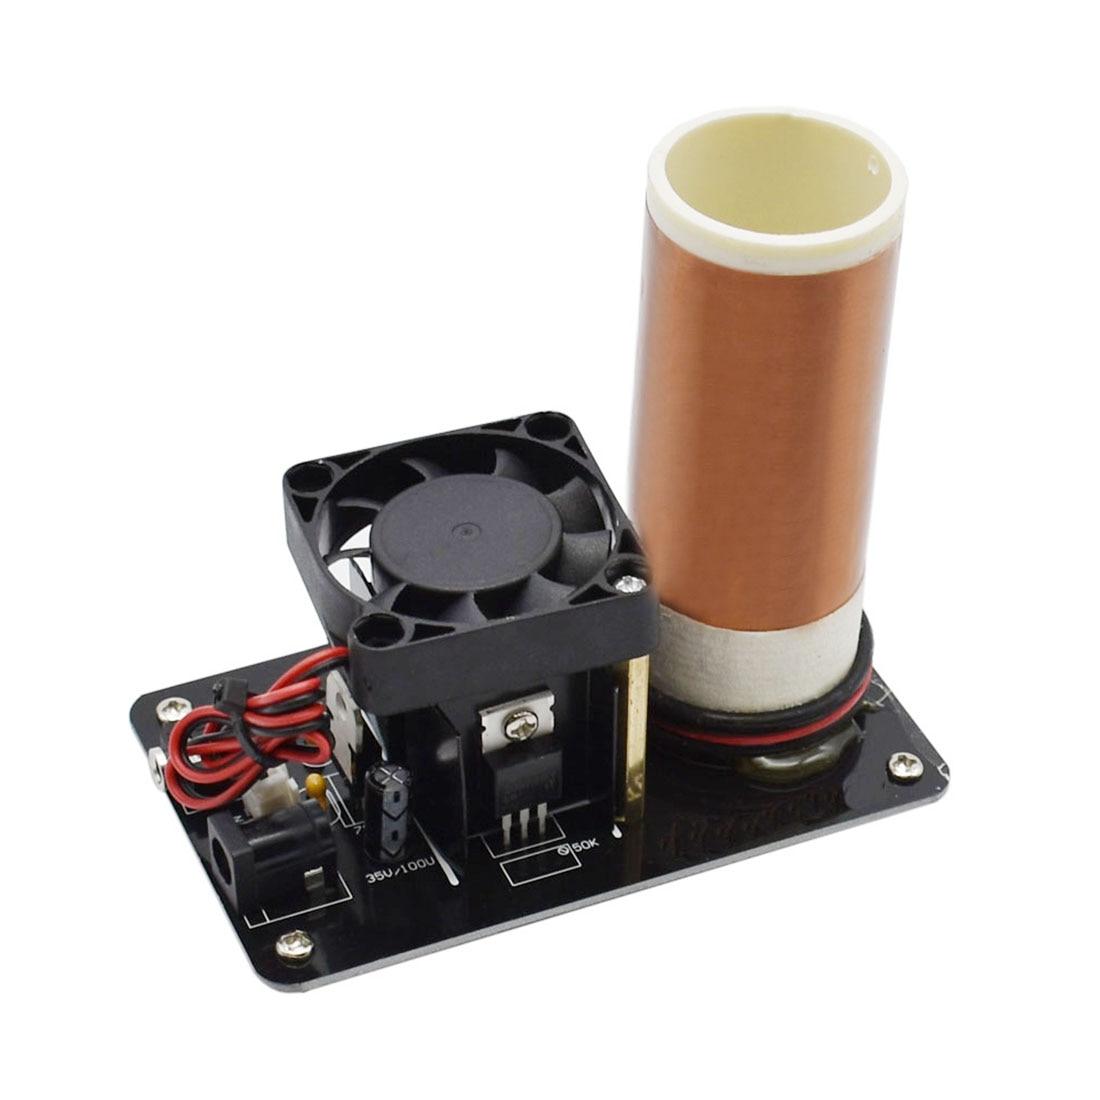 Musique Tesla bobine Plasma haut-parleur avec adaptateur d'alimentation sans fil Transmission V8D5 Kits de construction modèle-prise US/EU